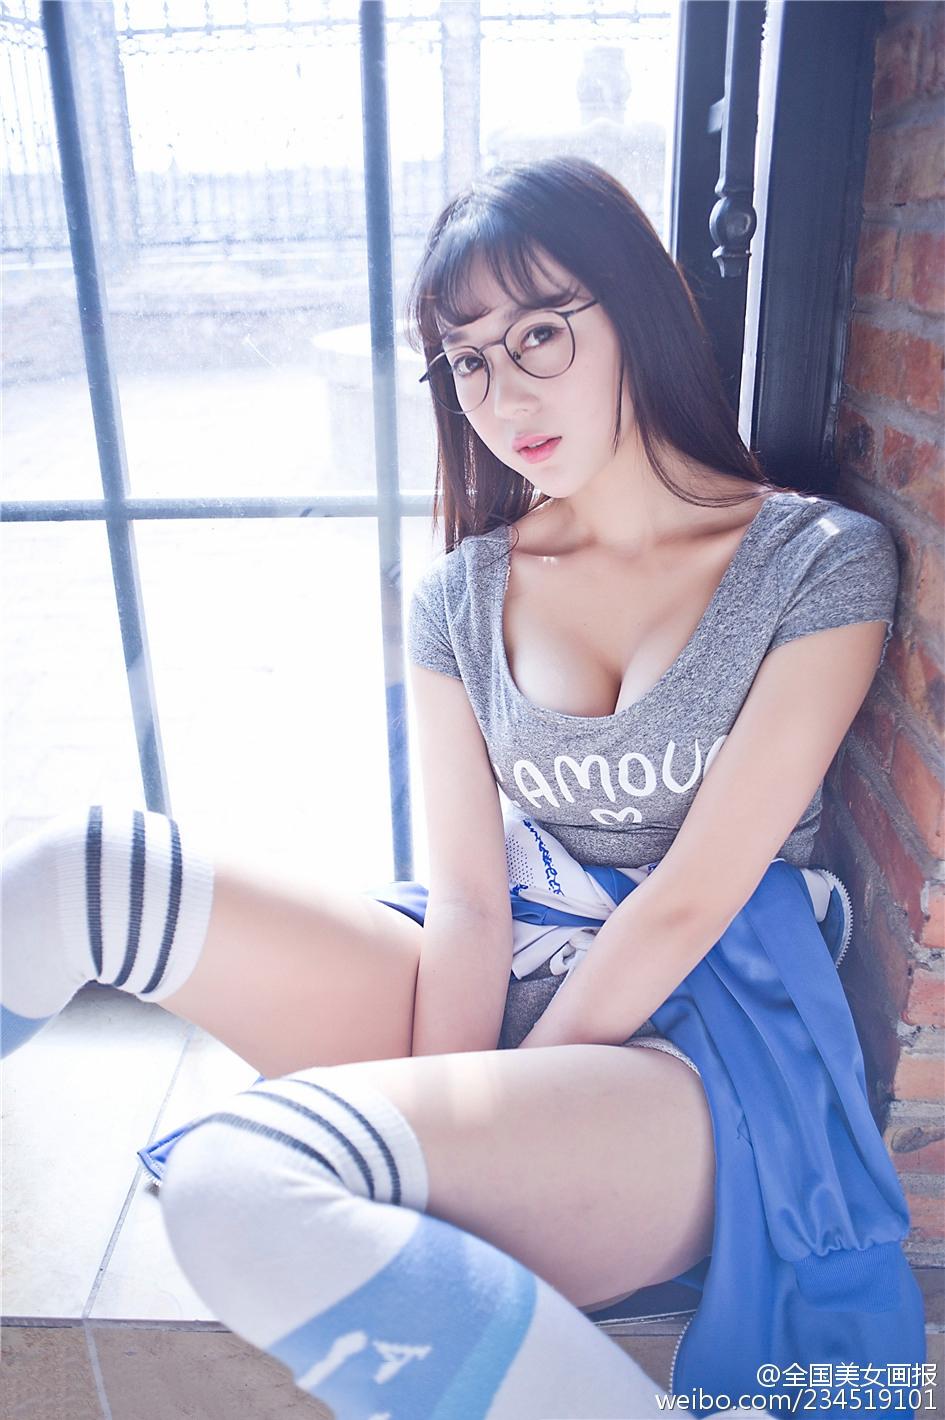 清纯阳光眼镜美少女 活泼可爱俏皮多姿